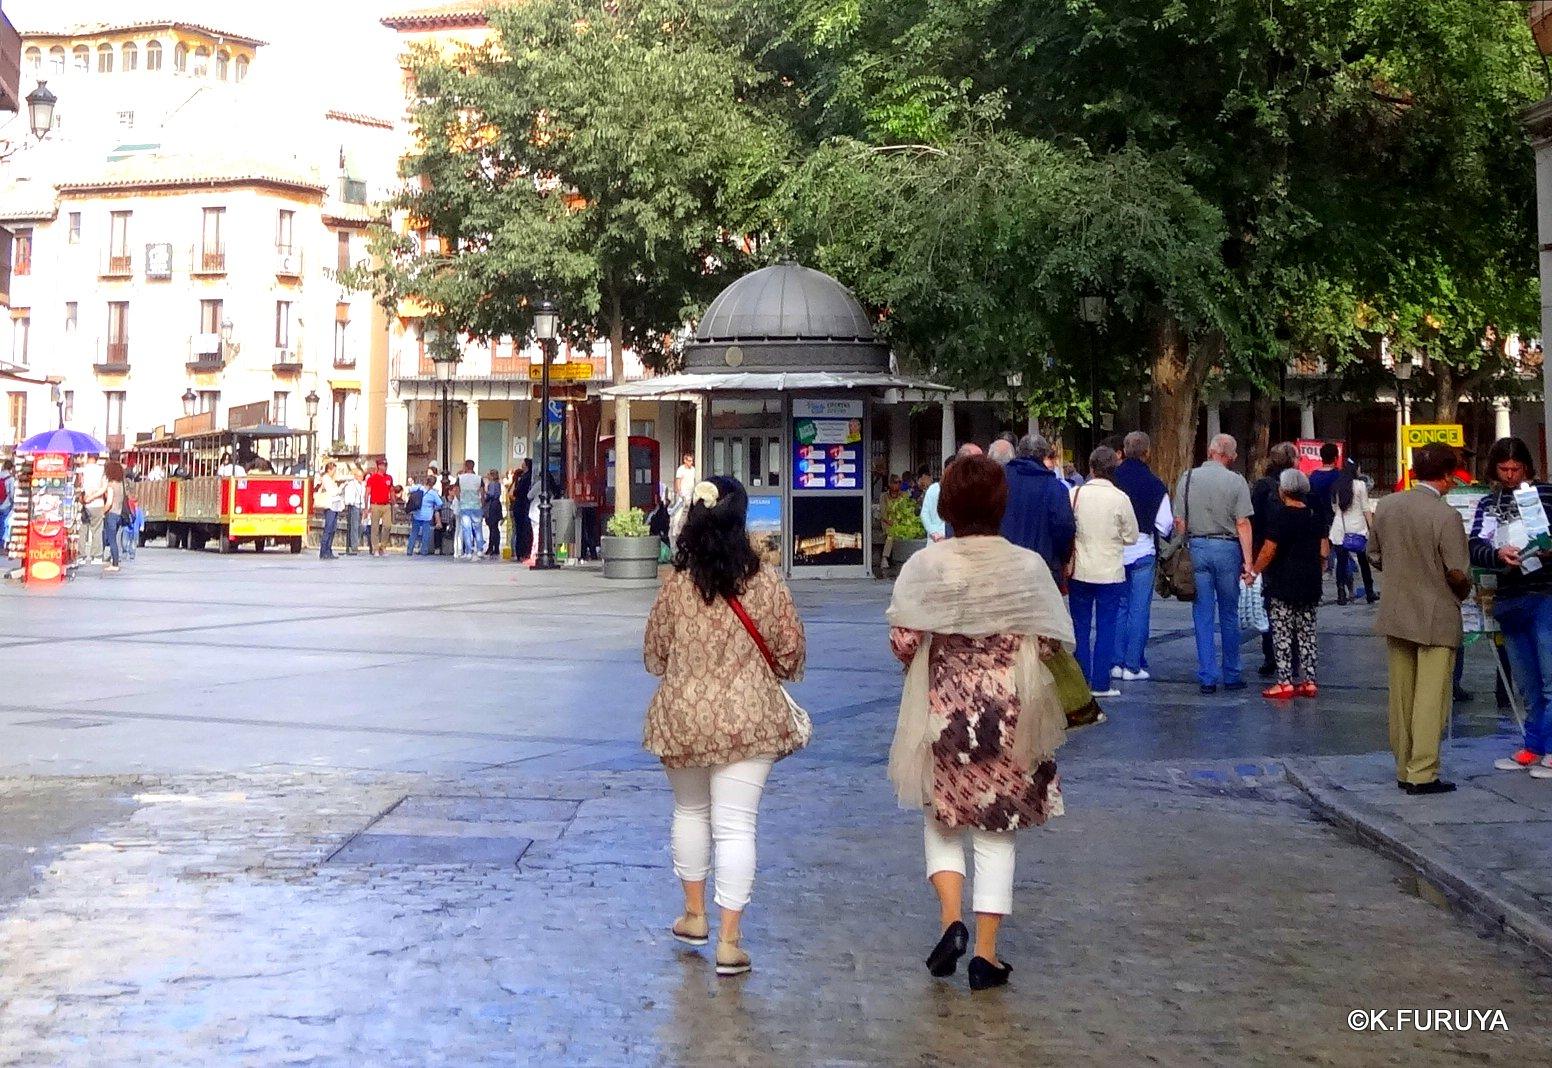 スペイン旅行記 9 トレド その3 街歩き_a0092659_2327284.jpg